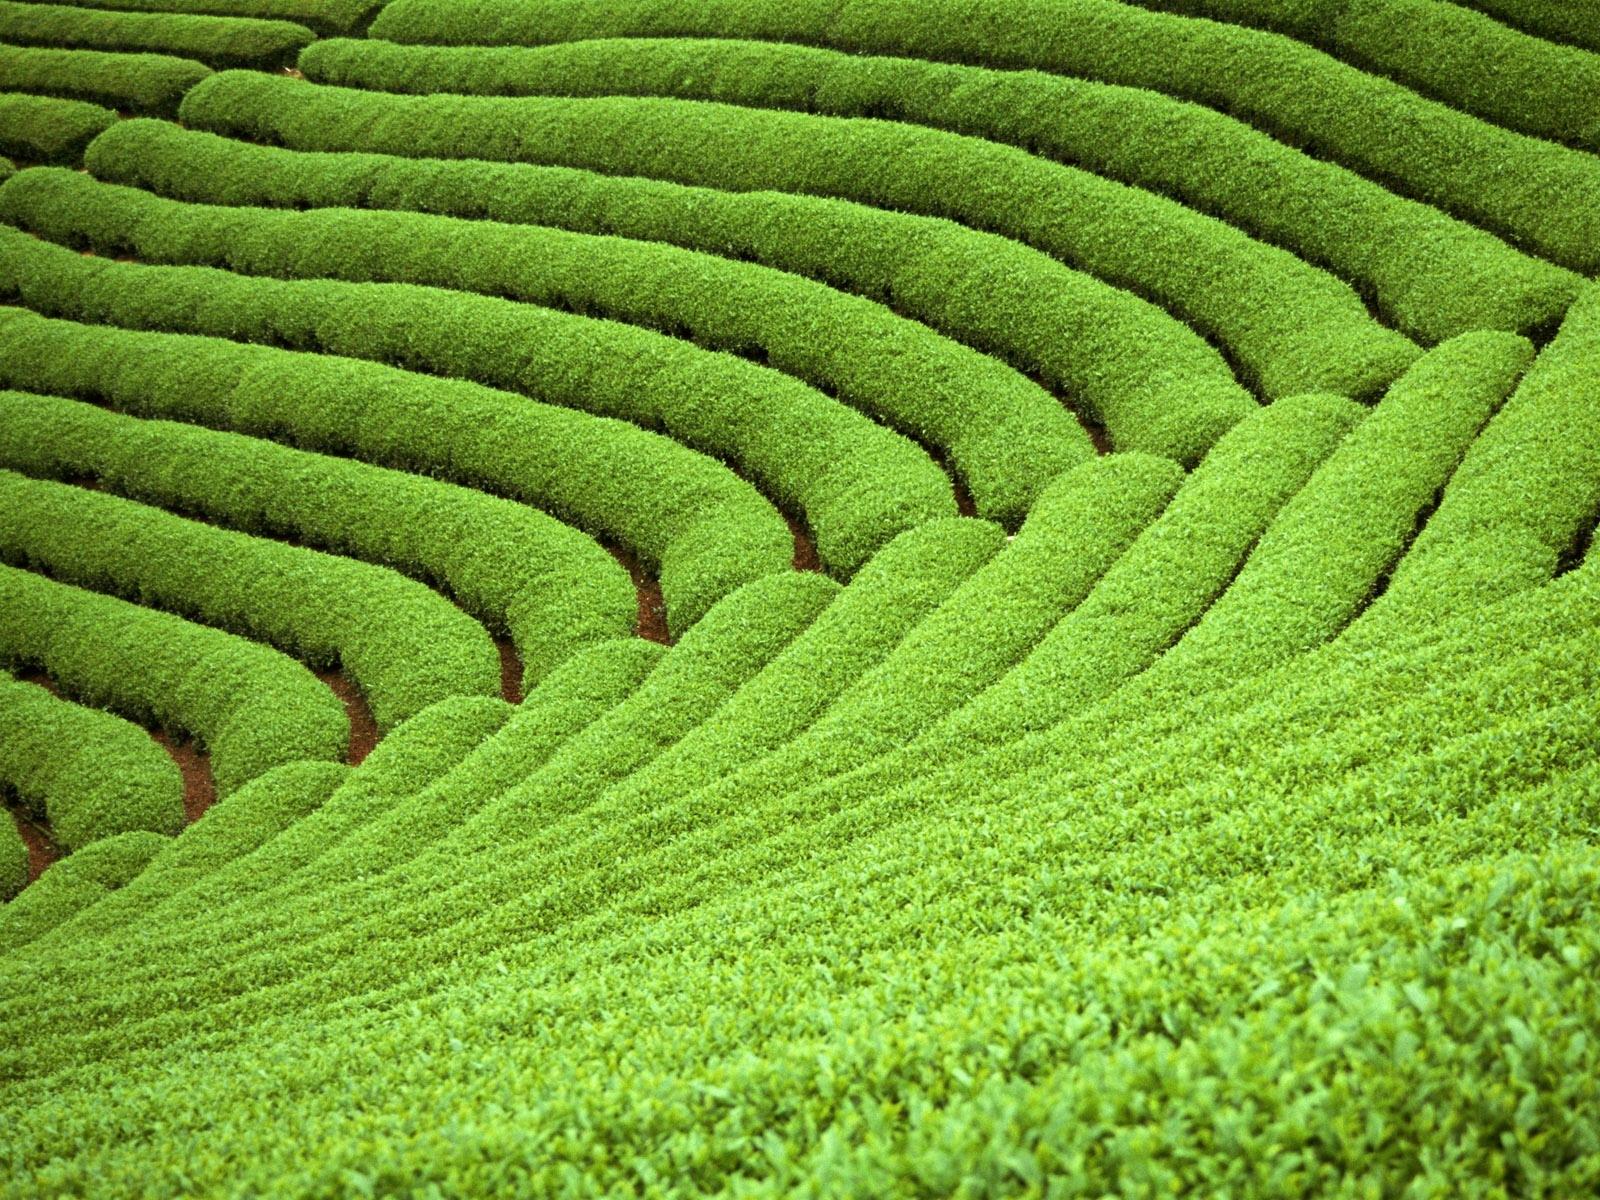 壁纸1600×1200草原田园植物绿色高清壁纸壁